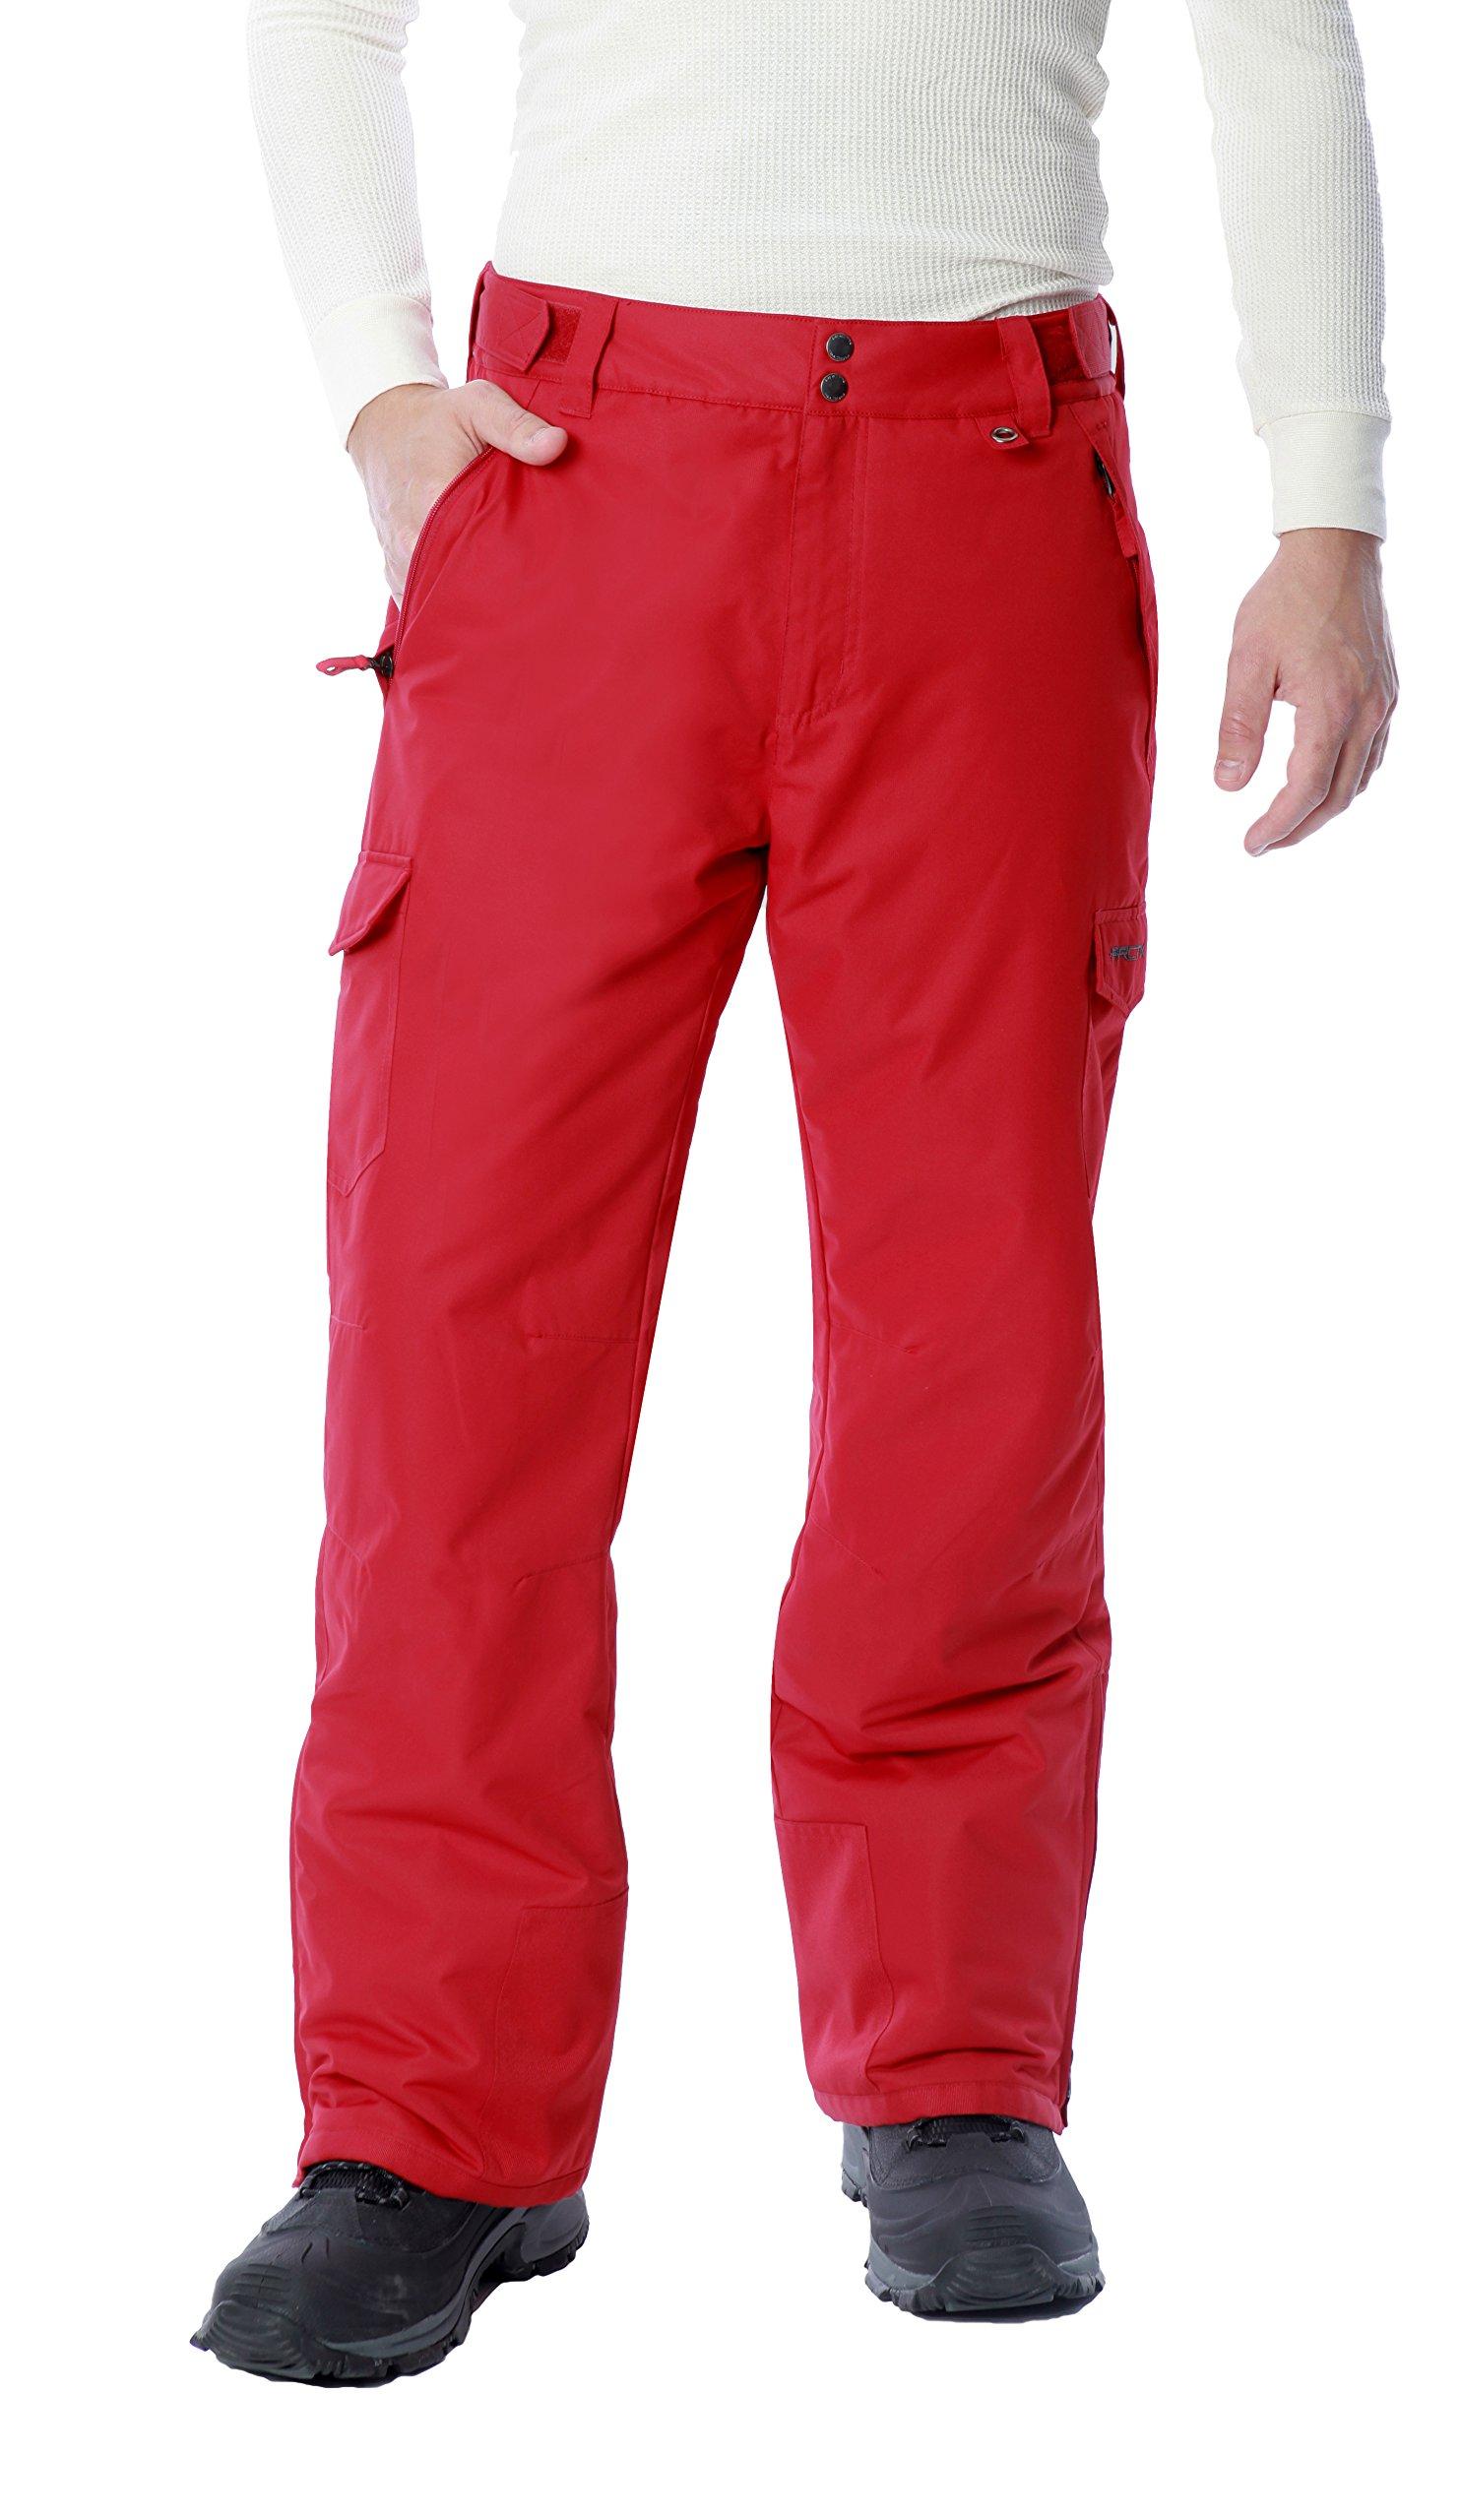 Arctix Men's 1960 Snow Sports Cargo Pants, X-Large, Vintage Red